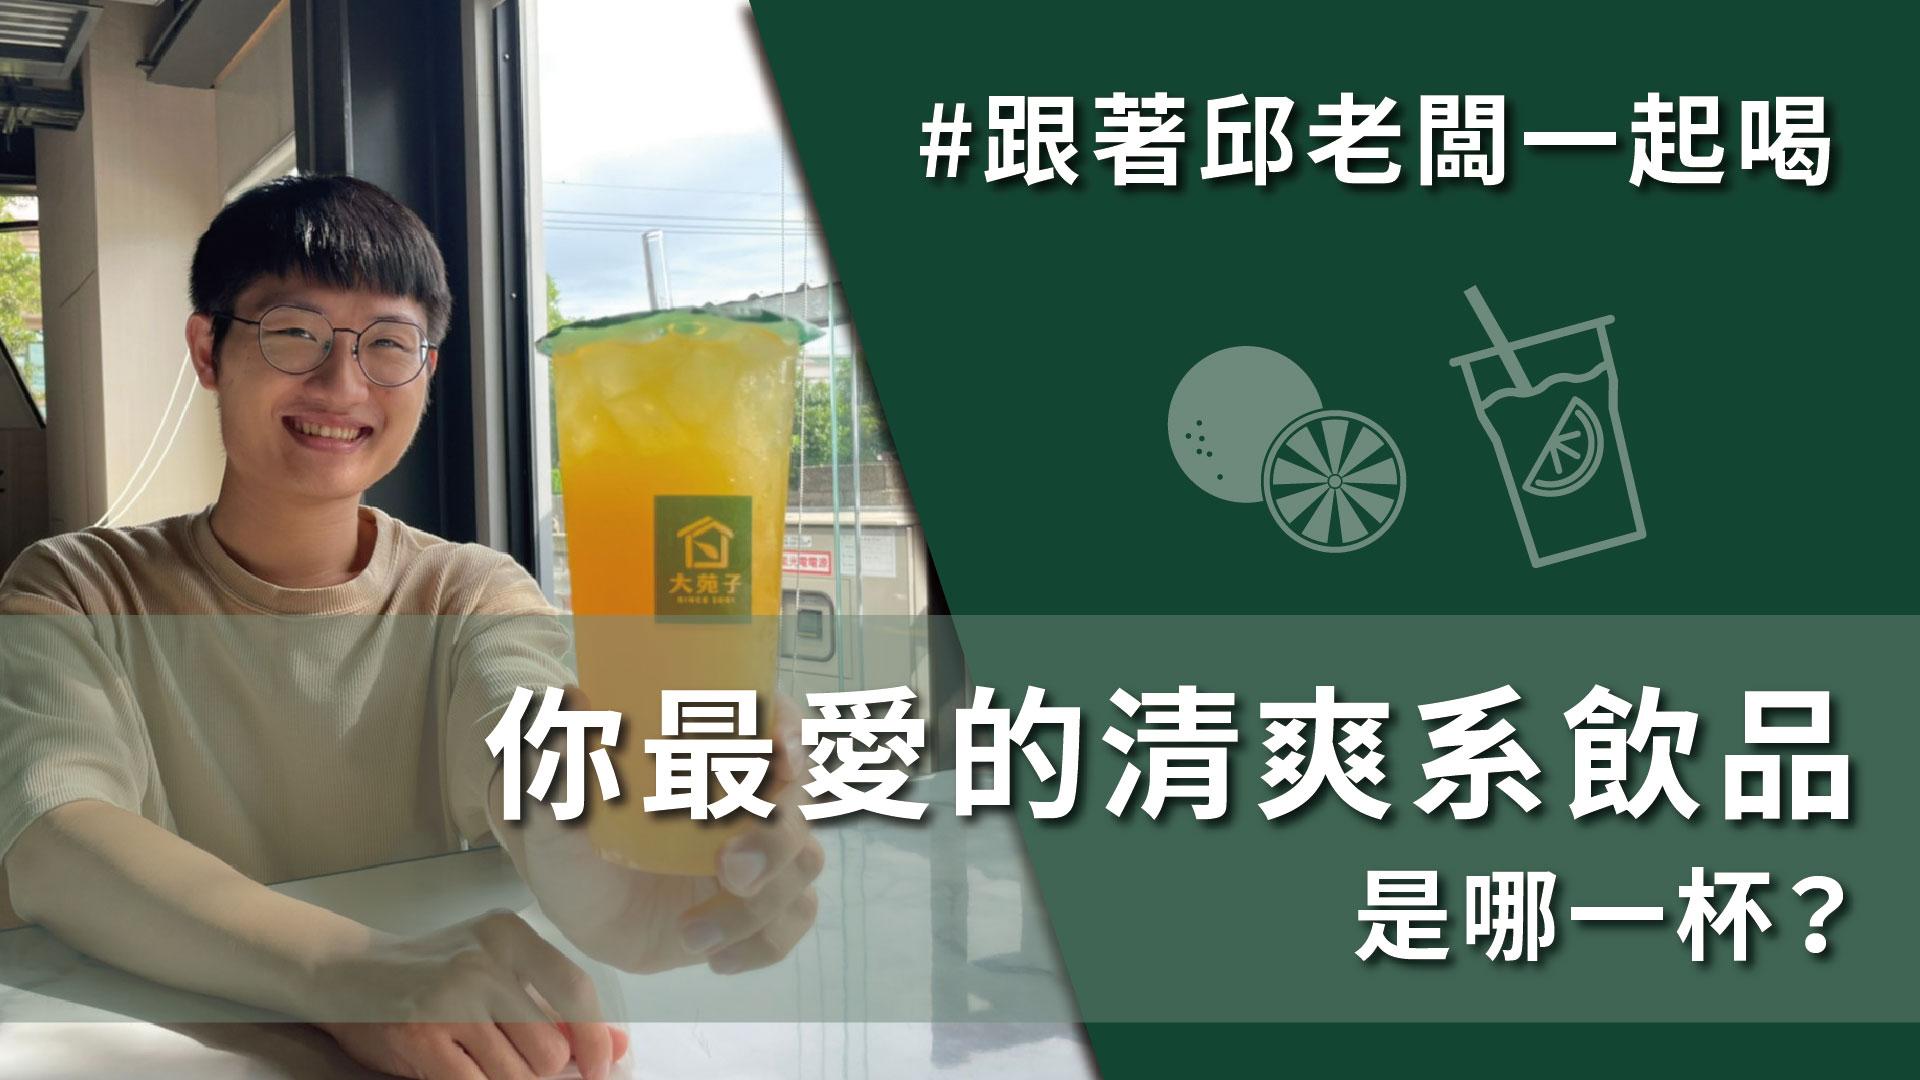 今夏必喝!最清爽「橙意滿滿」選用新鮮香甜的香吉士,與回甘的翡翠綠茶的完美結合!